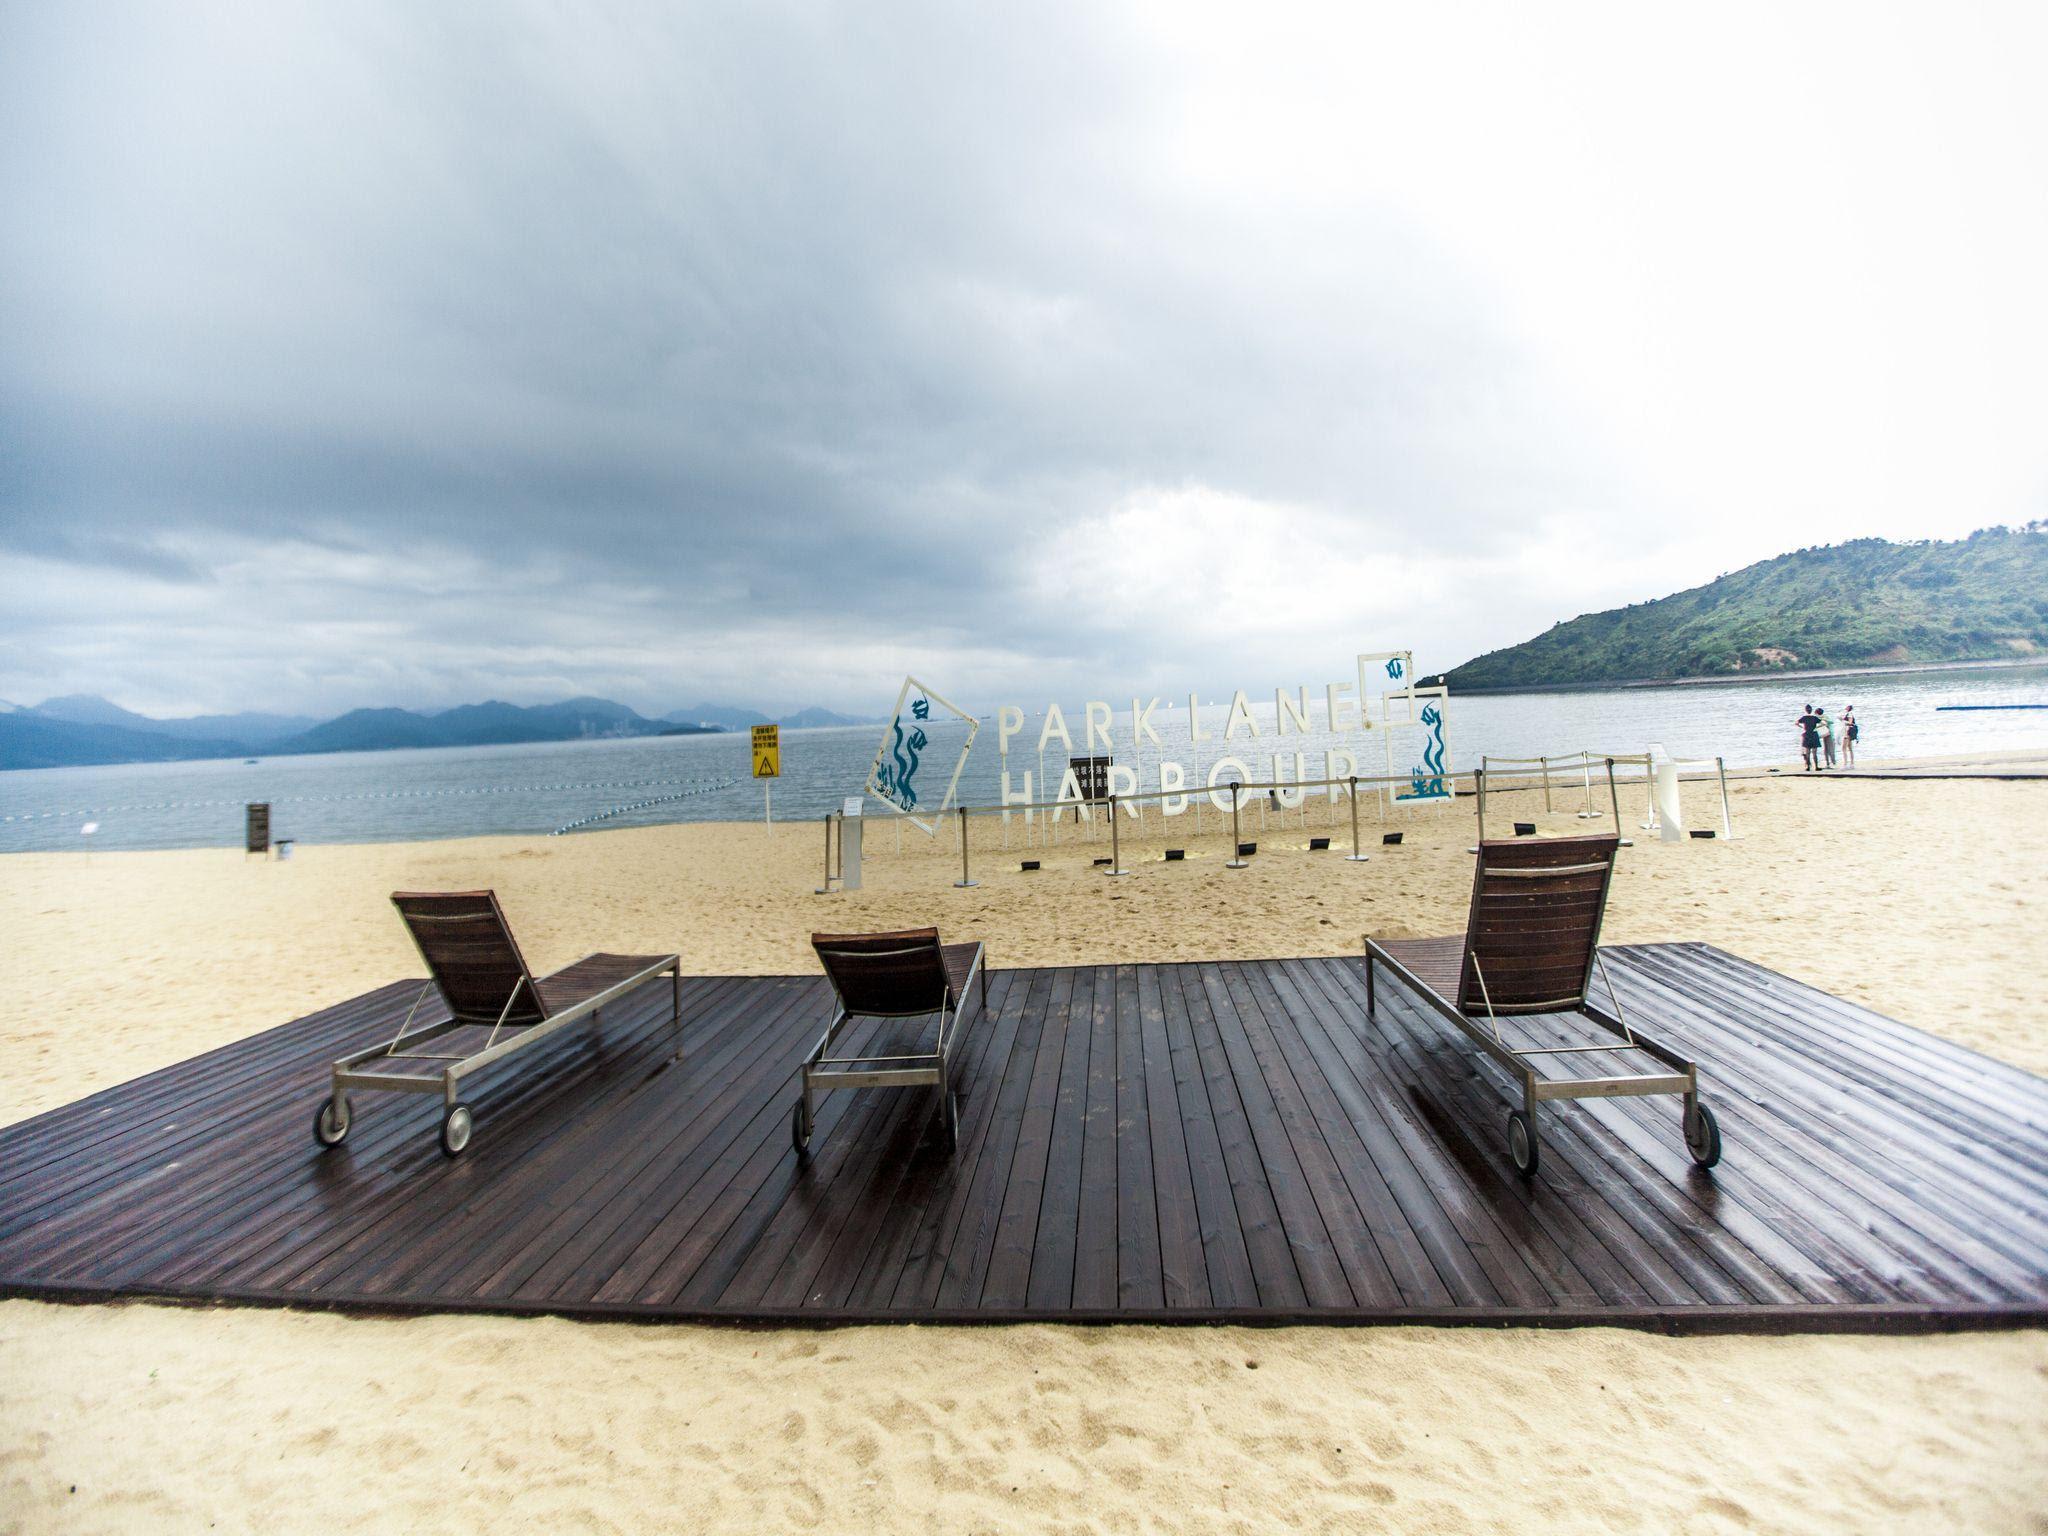 hotel near Huizhou Hua Yang Nian Seaview Hostel